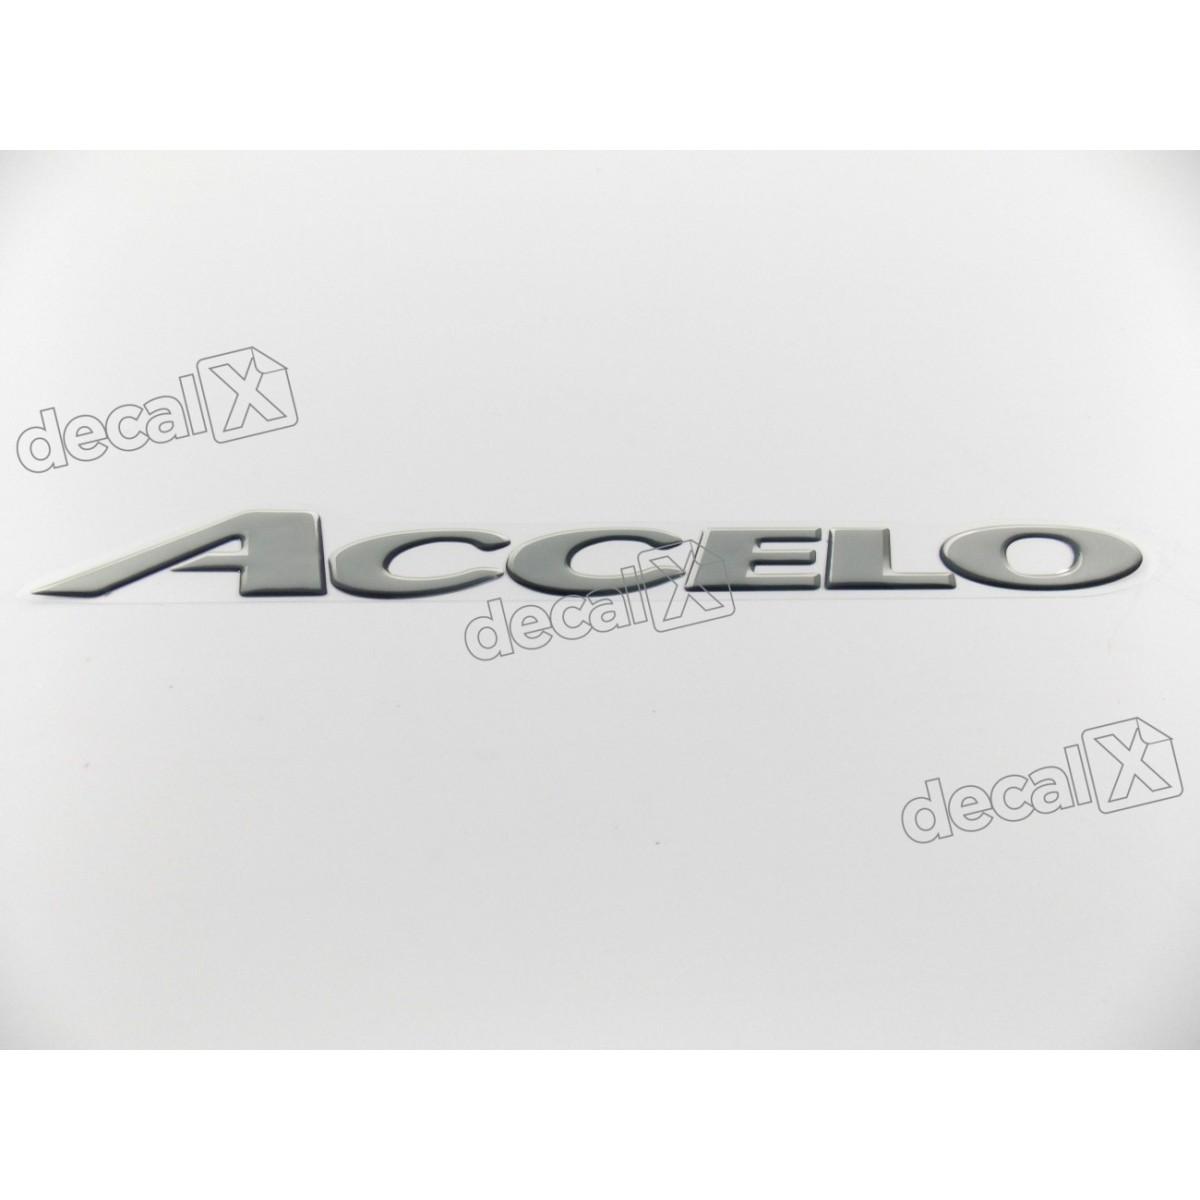 Adesivo Emblema Resinado Mercedes Accelo Cm90 Decalx